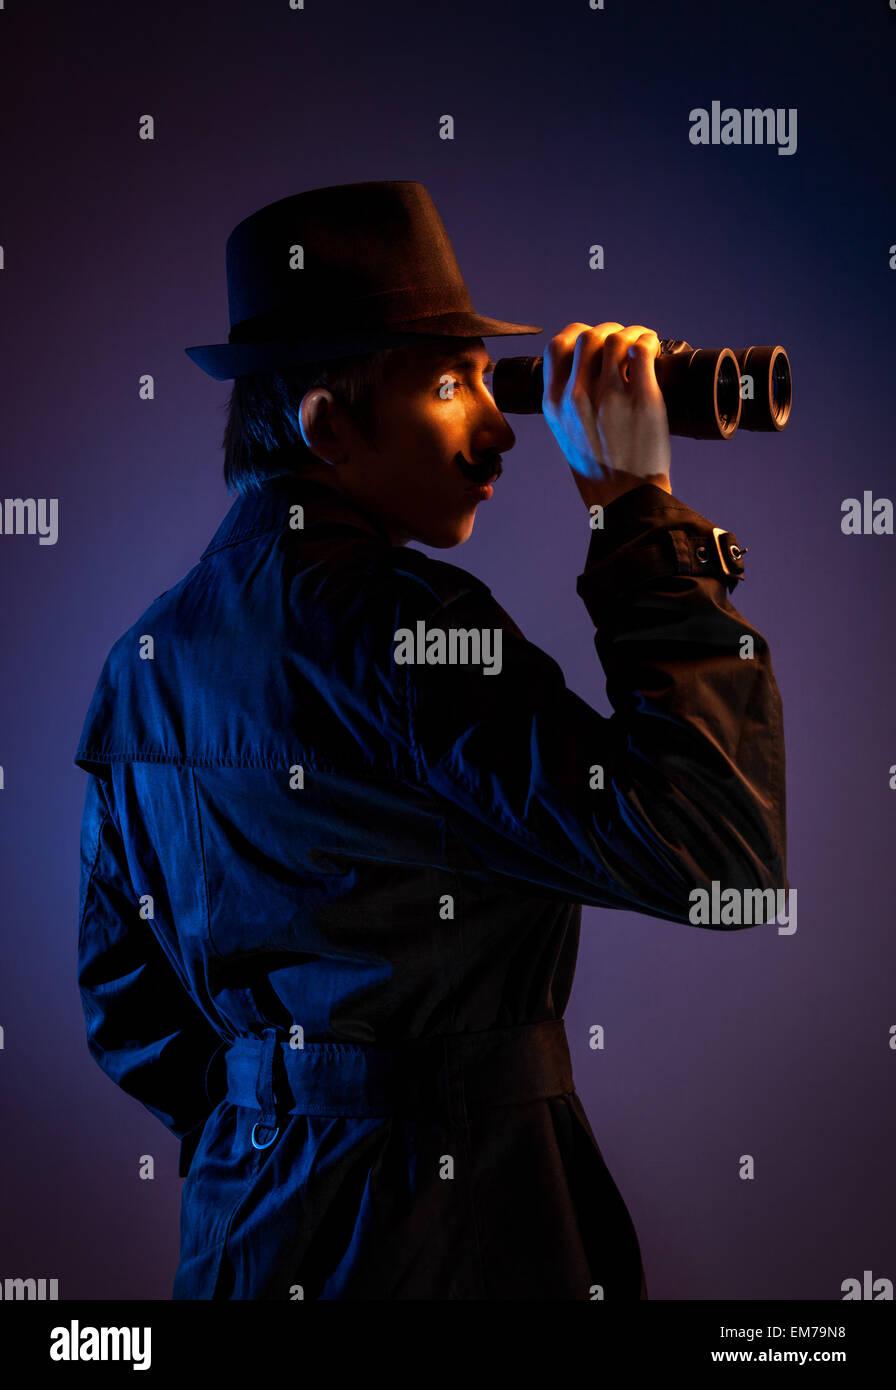 Man in black hat avec quelqu'un d'espionnage pour les jumelles à fond sombre Photo Stock